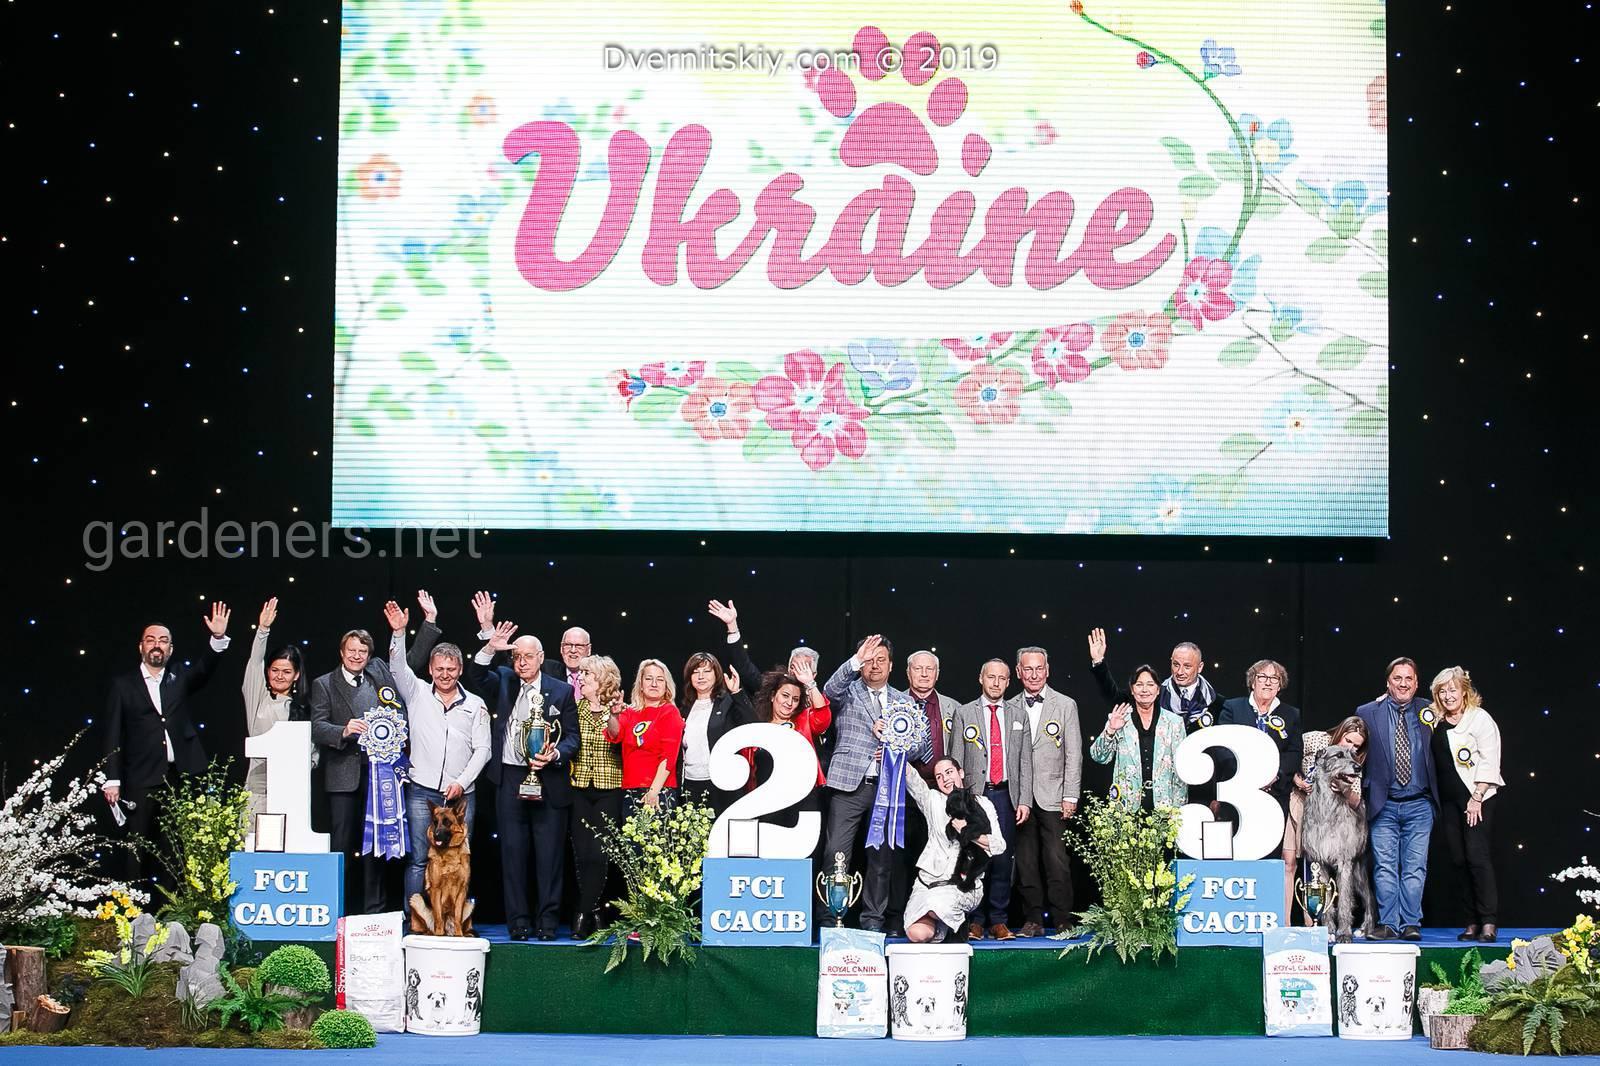 выставки собак 2019 украина.jpg